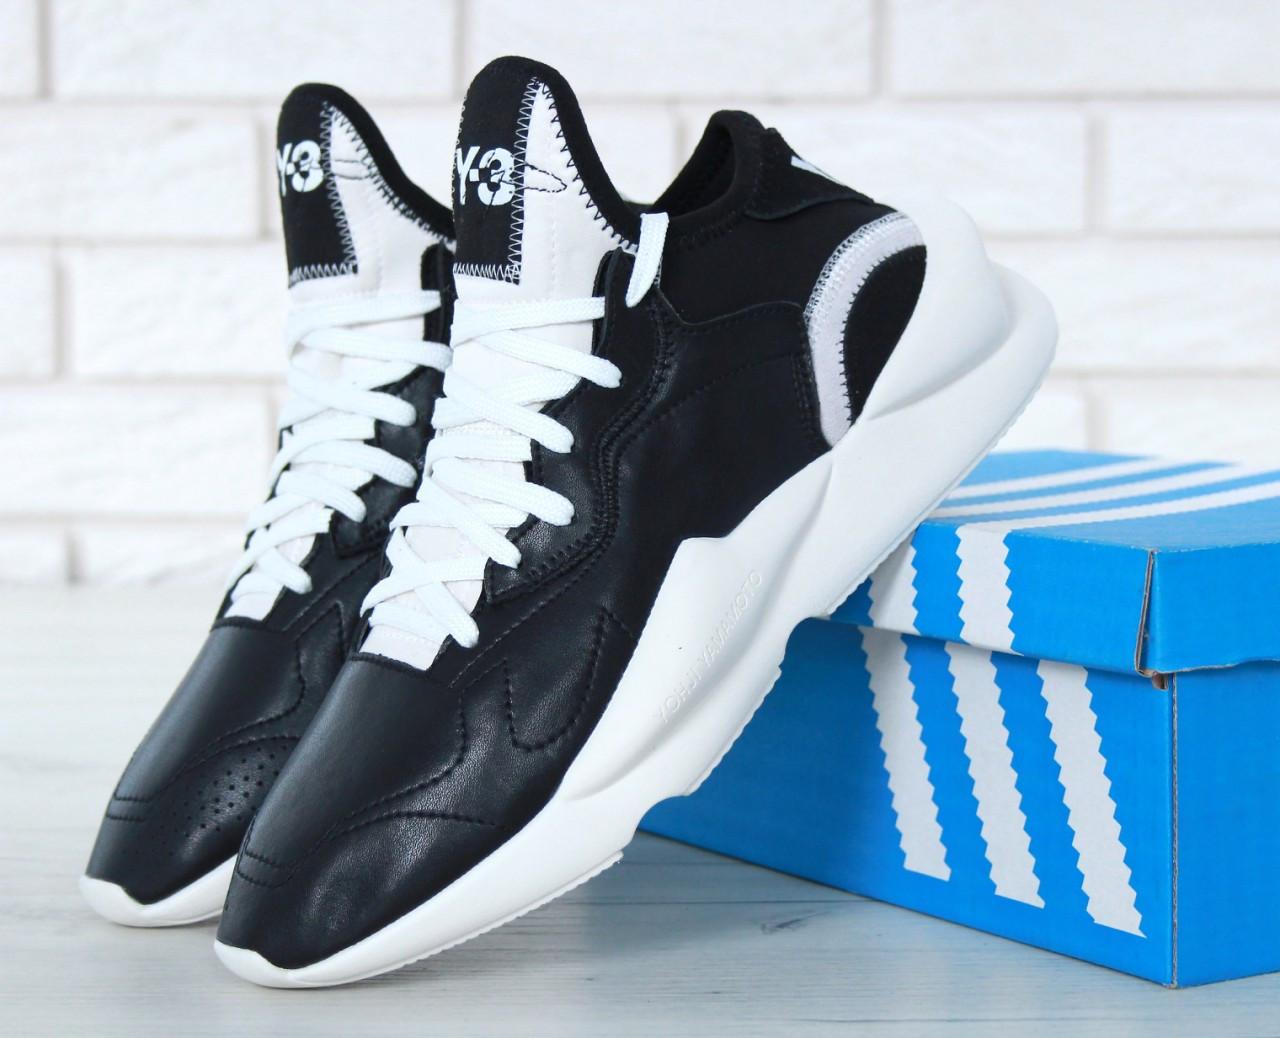 Черные с белым. Кроссовки мужские в стиле Adidas Адидас Y-3 Kaiwa код  товара KD-11651. c4434cf2e444f